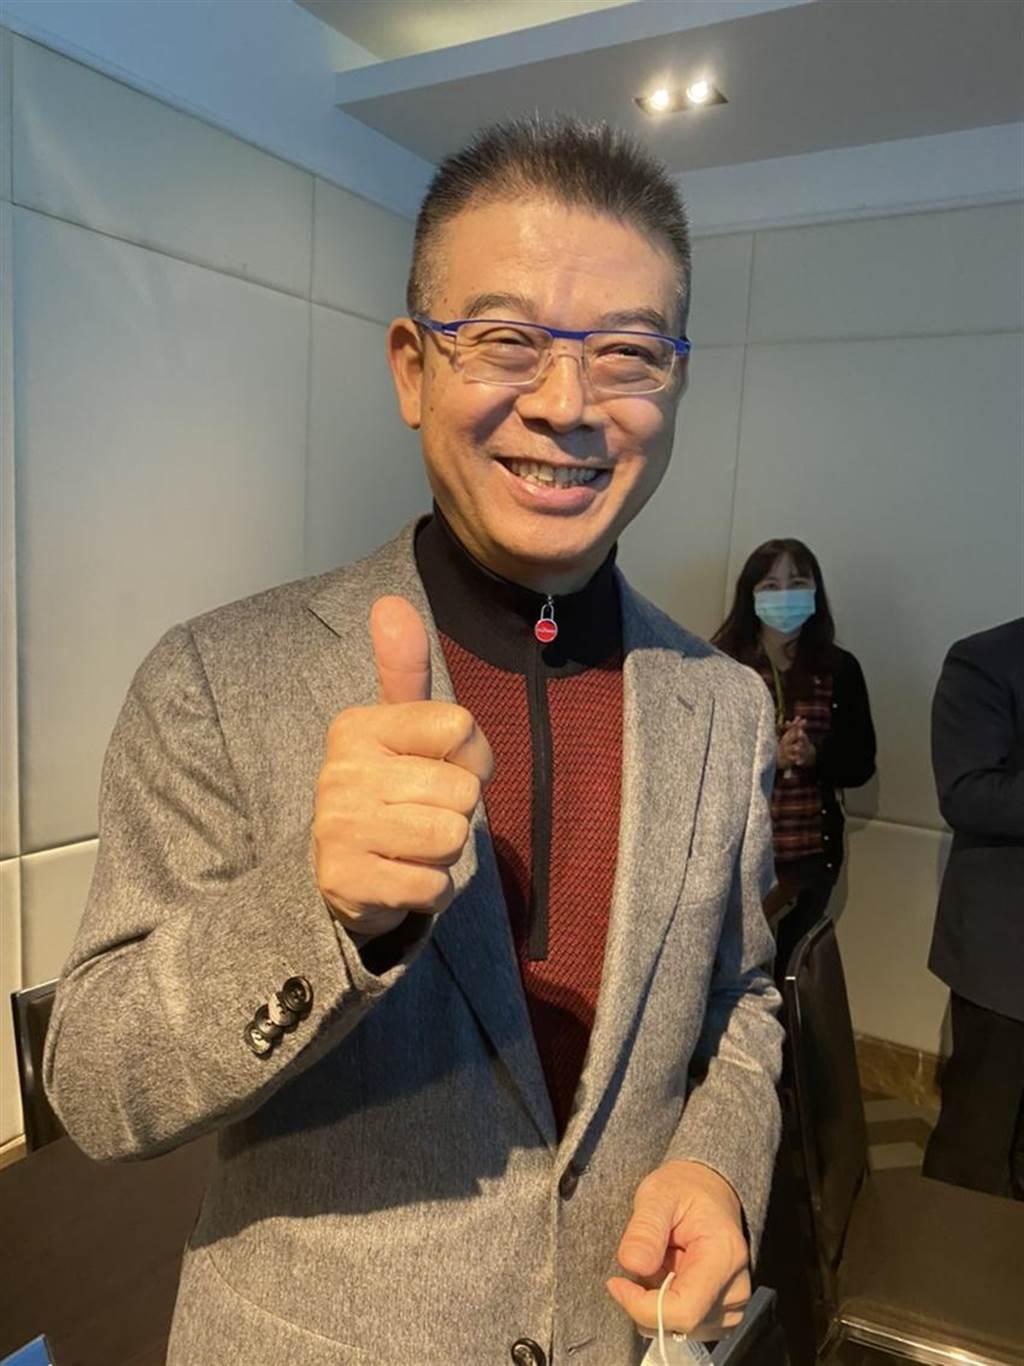 神腦總裁林保雍表示,看好2021年整體通訊產業景氣會比今年好。圖/林淑惠